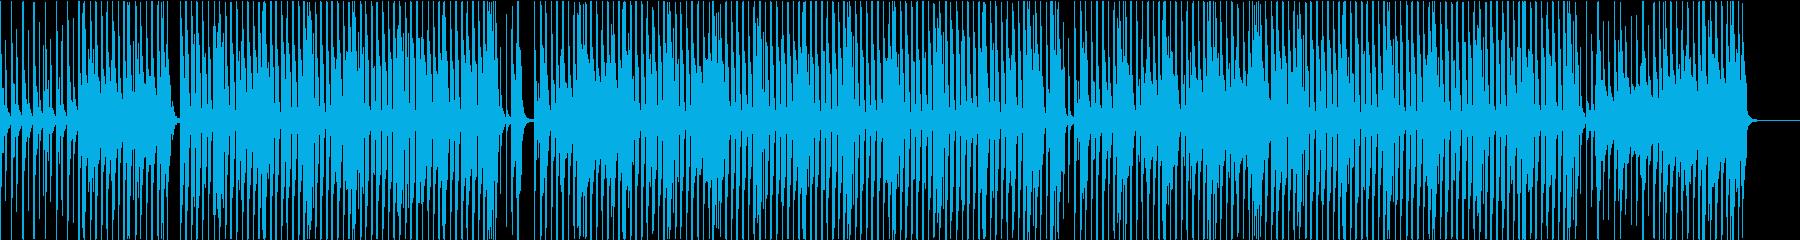 ポップインスト。弾力性陽性。レトロ...の再生済みの波形